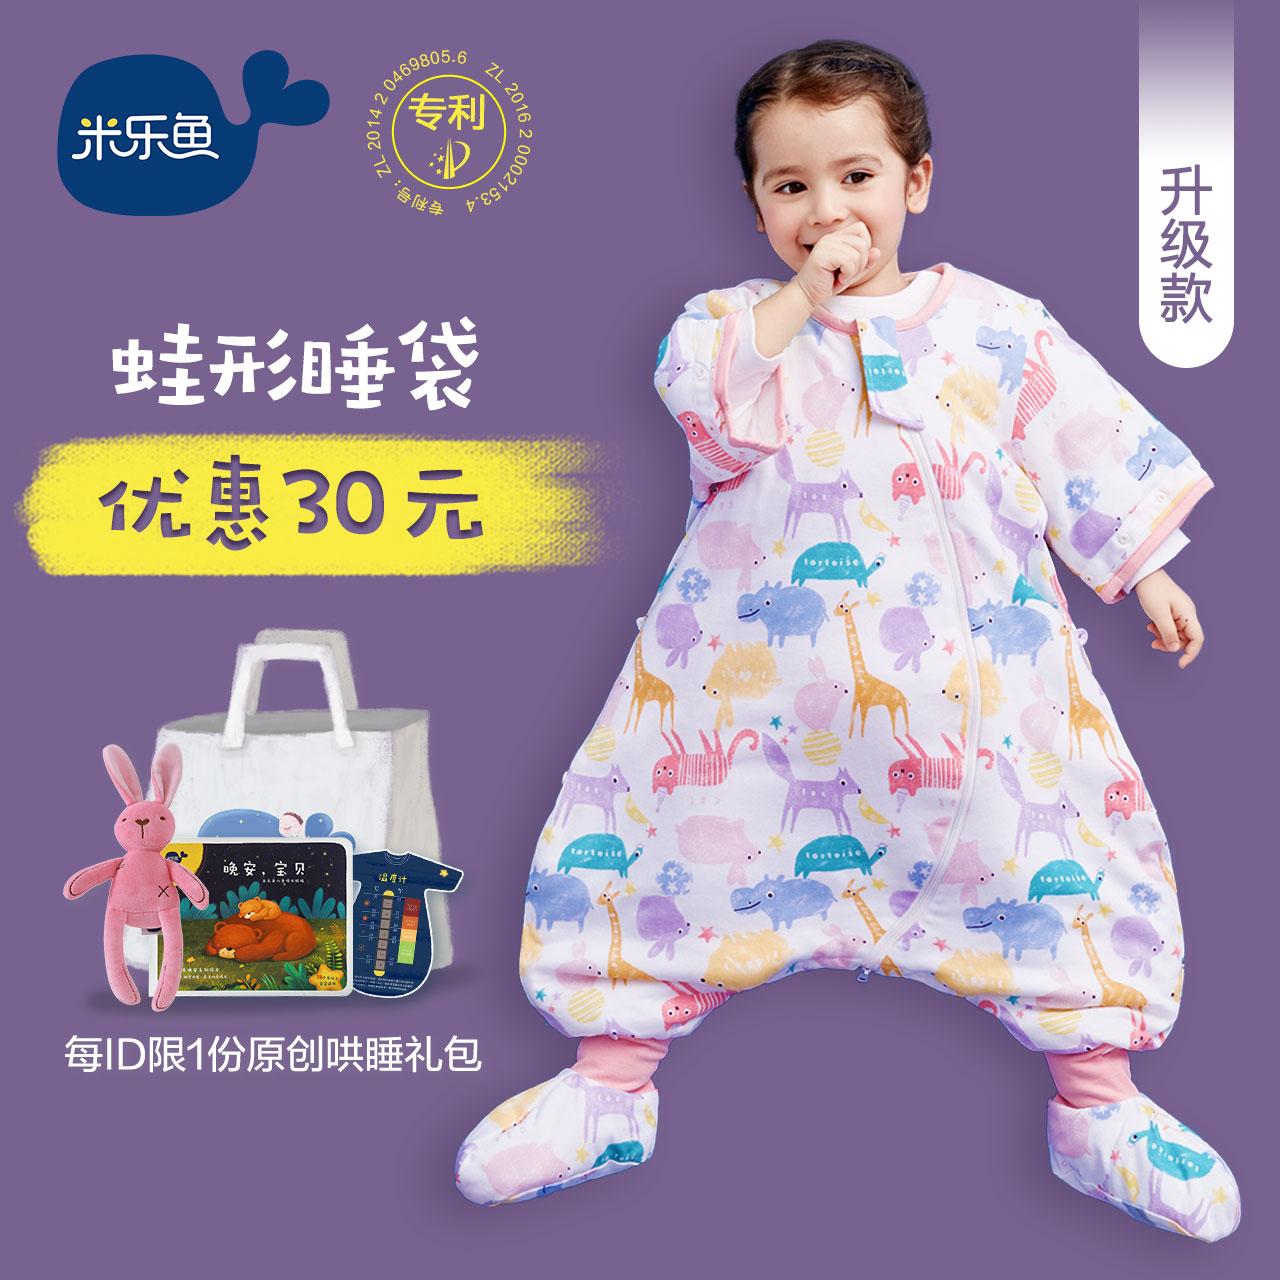 米乐鱼 宝宝睡袋秋冬款加厚防踢被儿童婴儿中大童纯棉四季通用